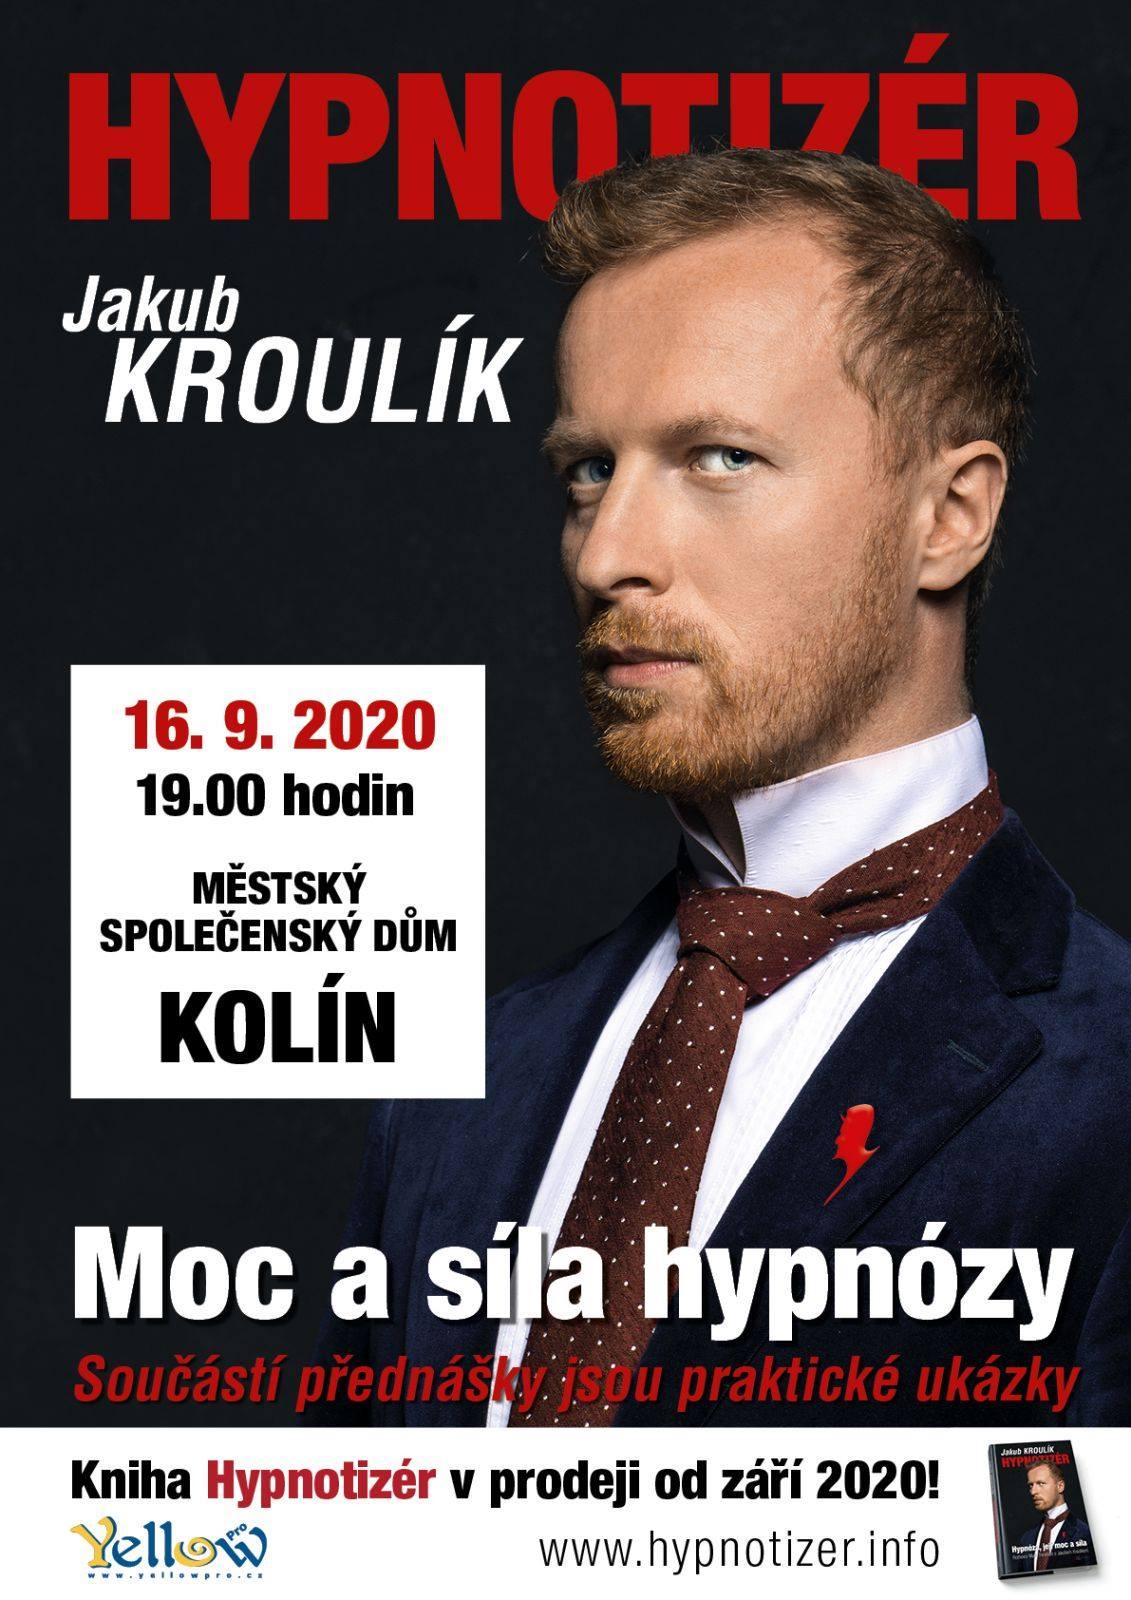 hypnotizer Jakub Kroulík v Koline 2020